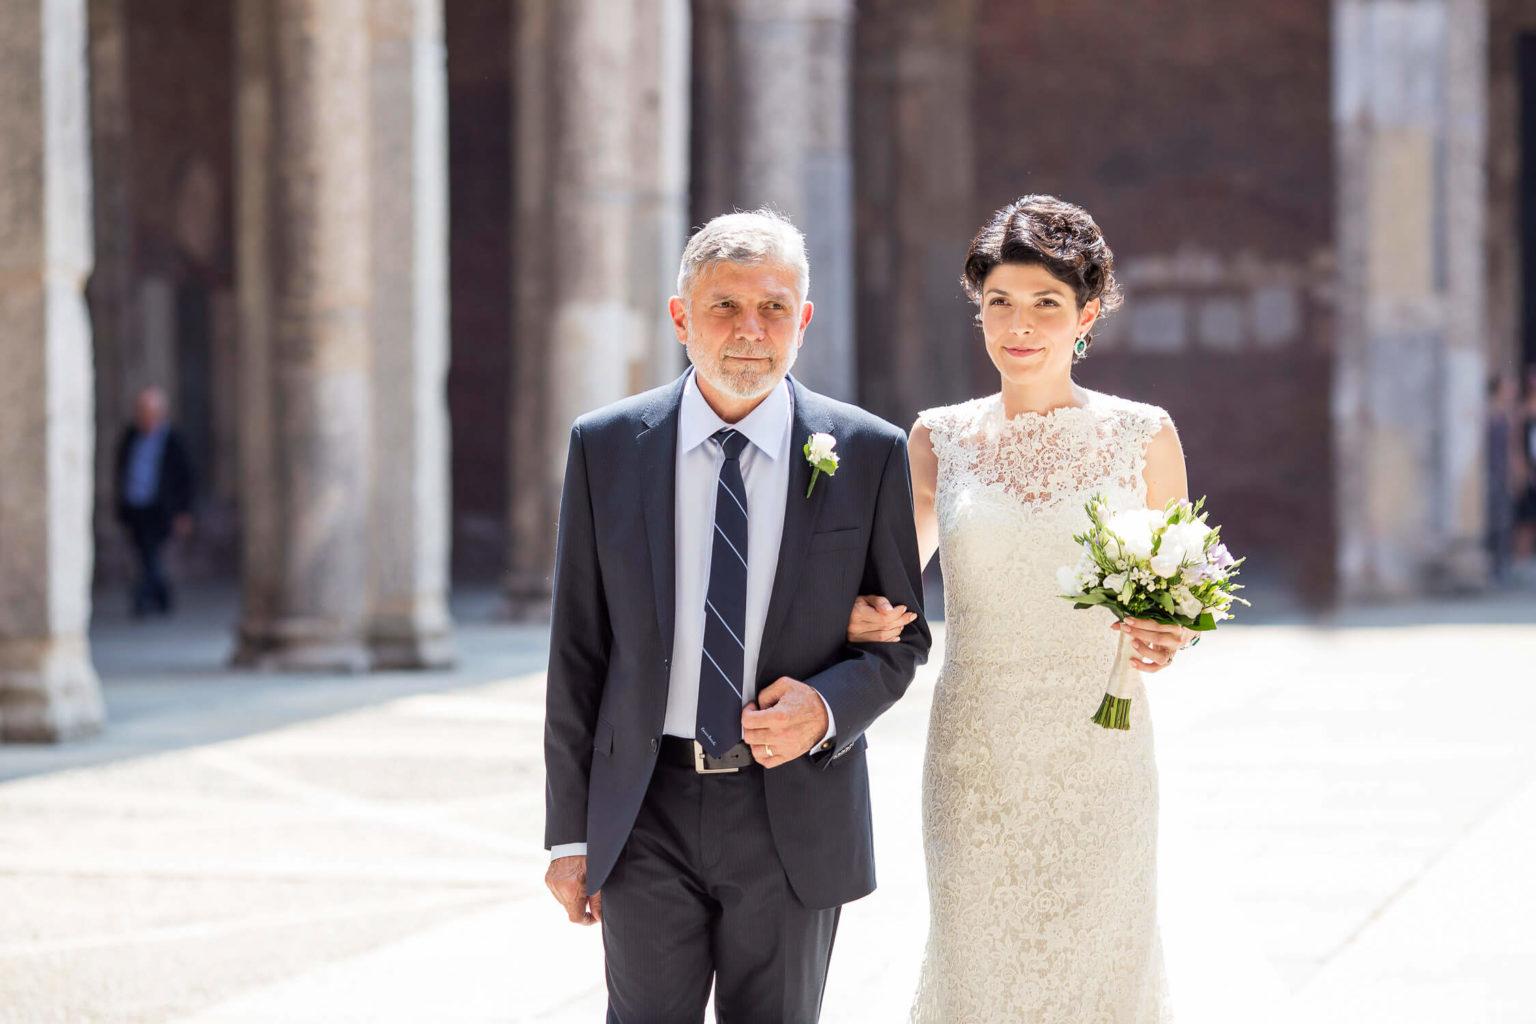 Raggiante giornata di sole illumina la sposa alla Basilica di Sant'Ambrogio di Milano, foto matrimonio di Nino Lombardo